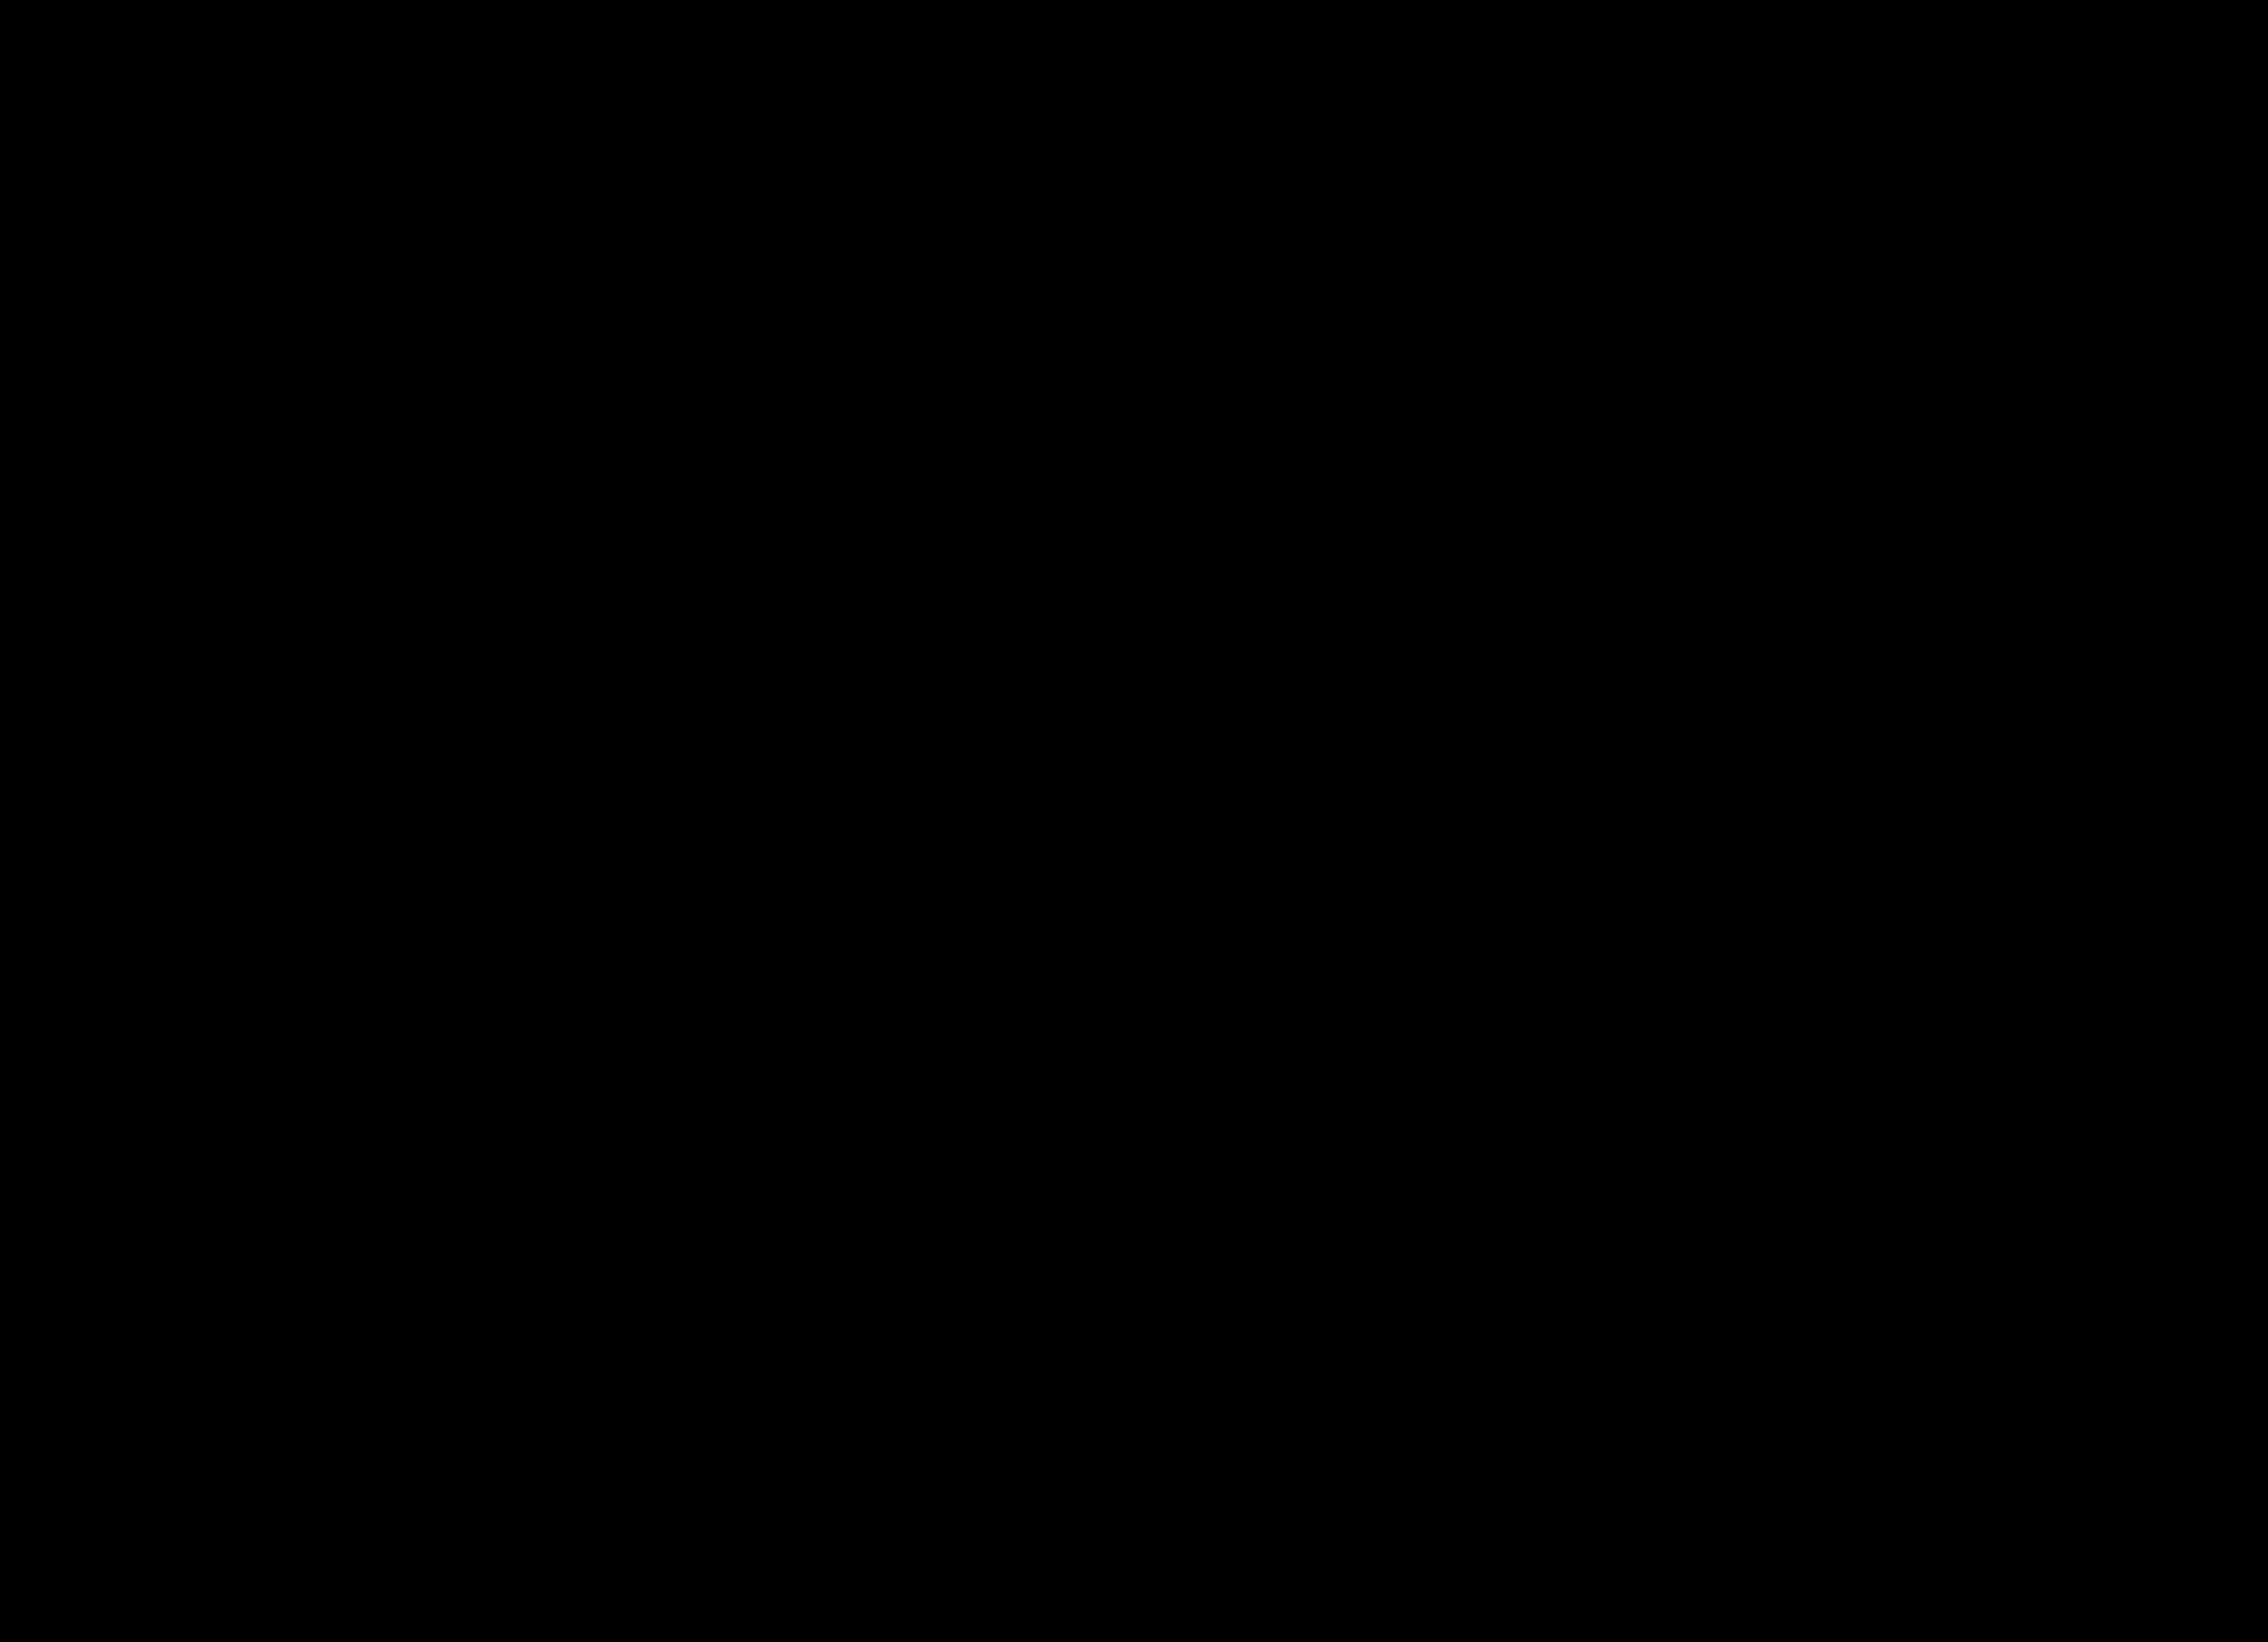 UTR INSTRUCTOR TOOLS